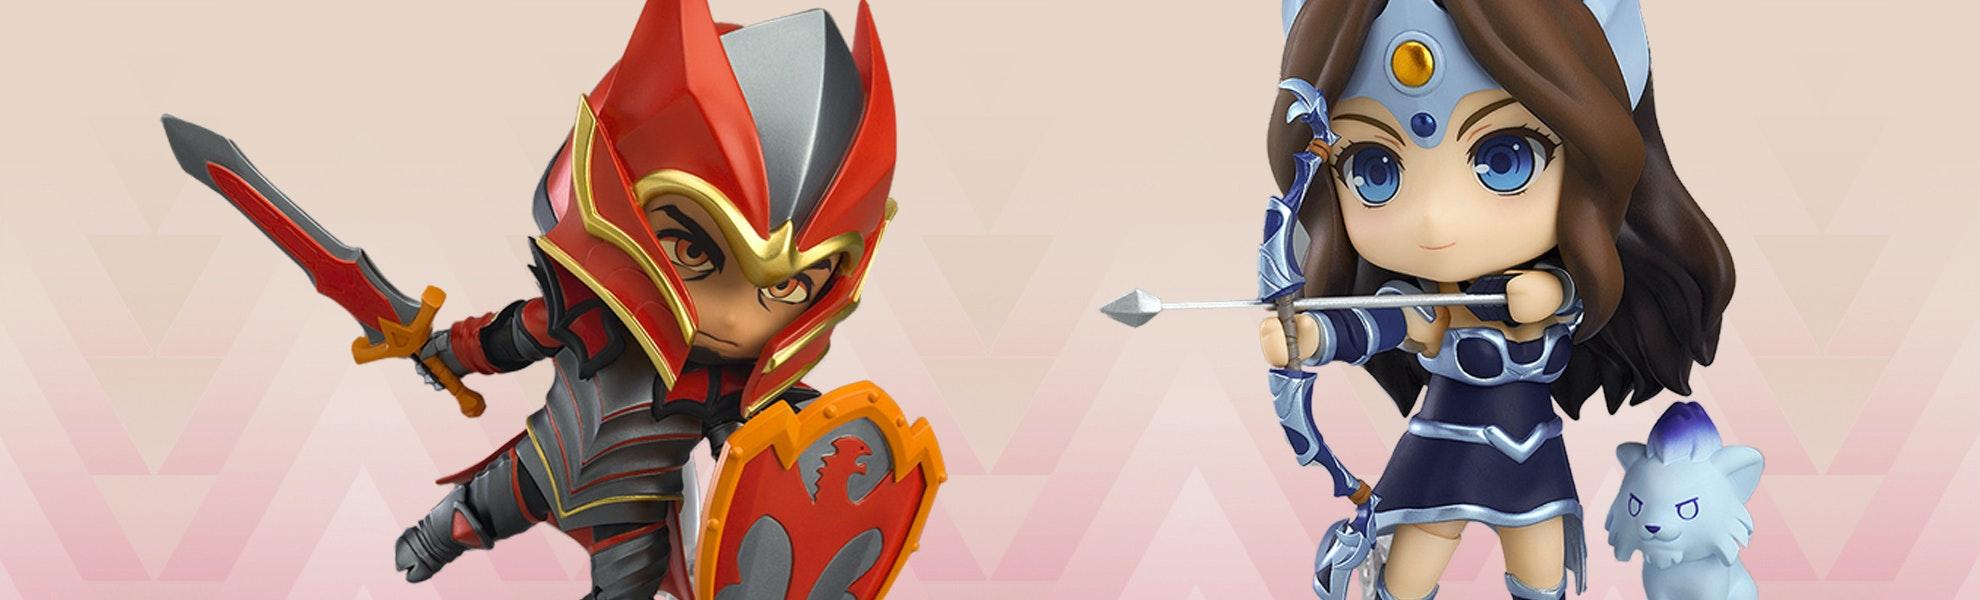 Nendoroid: Dota 2 (Preorder)